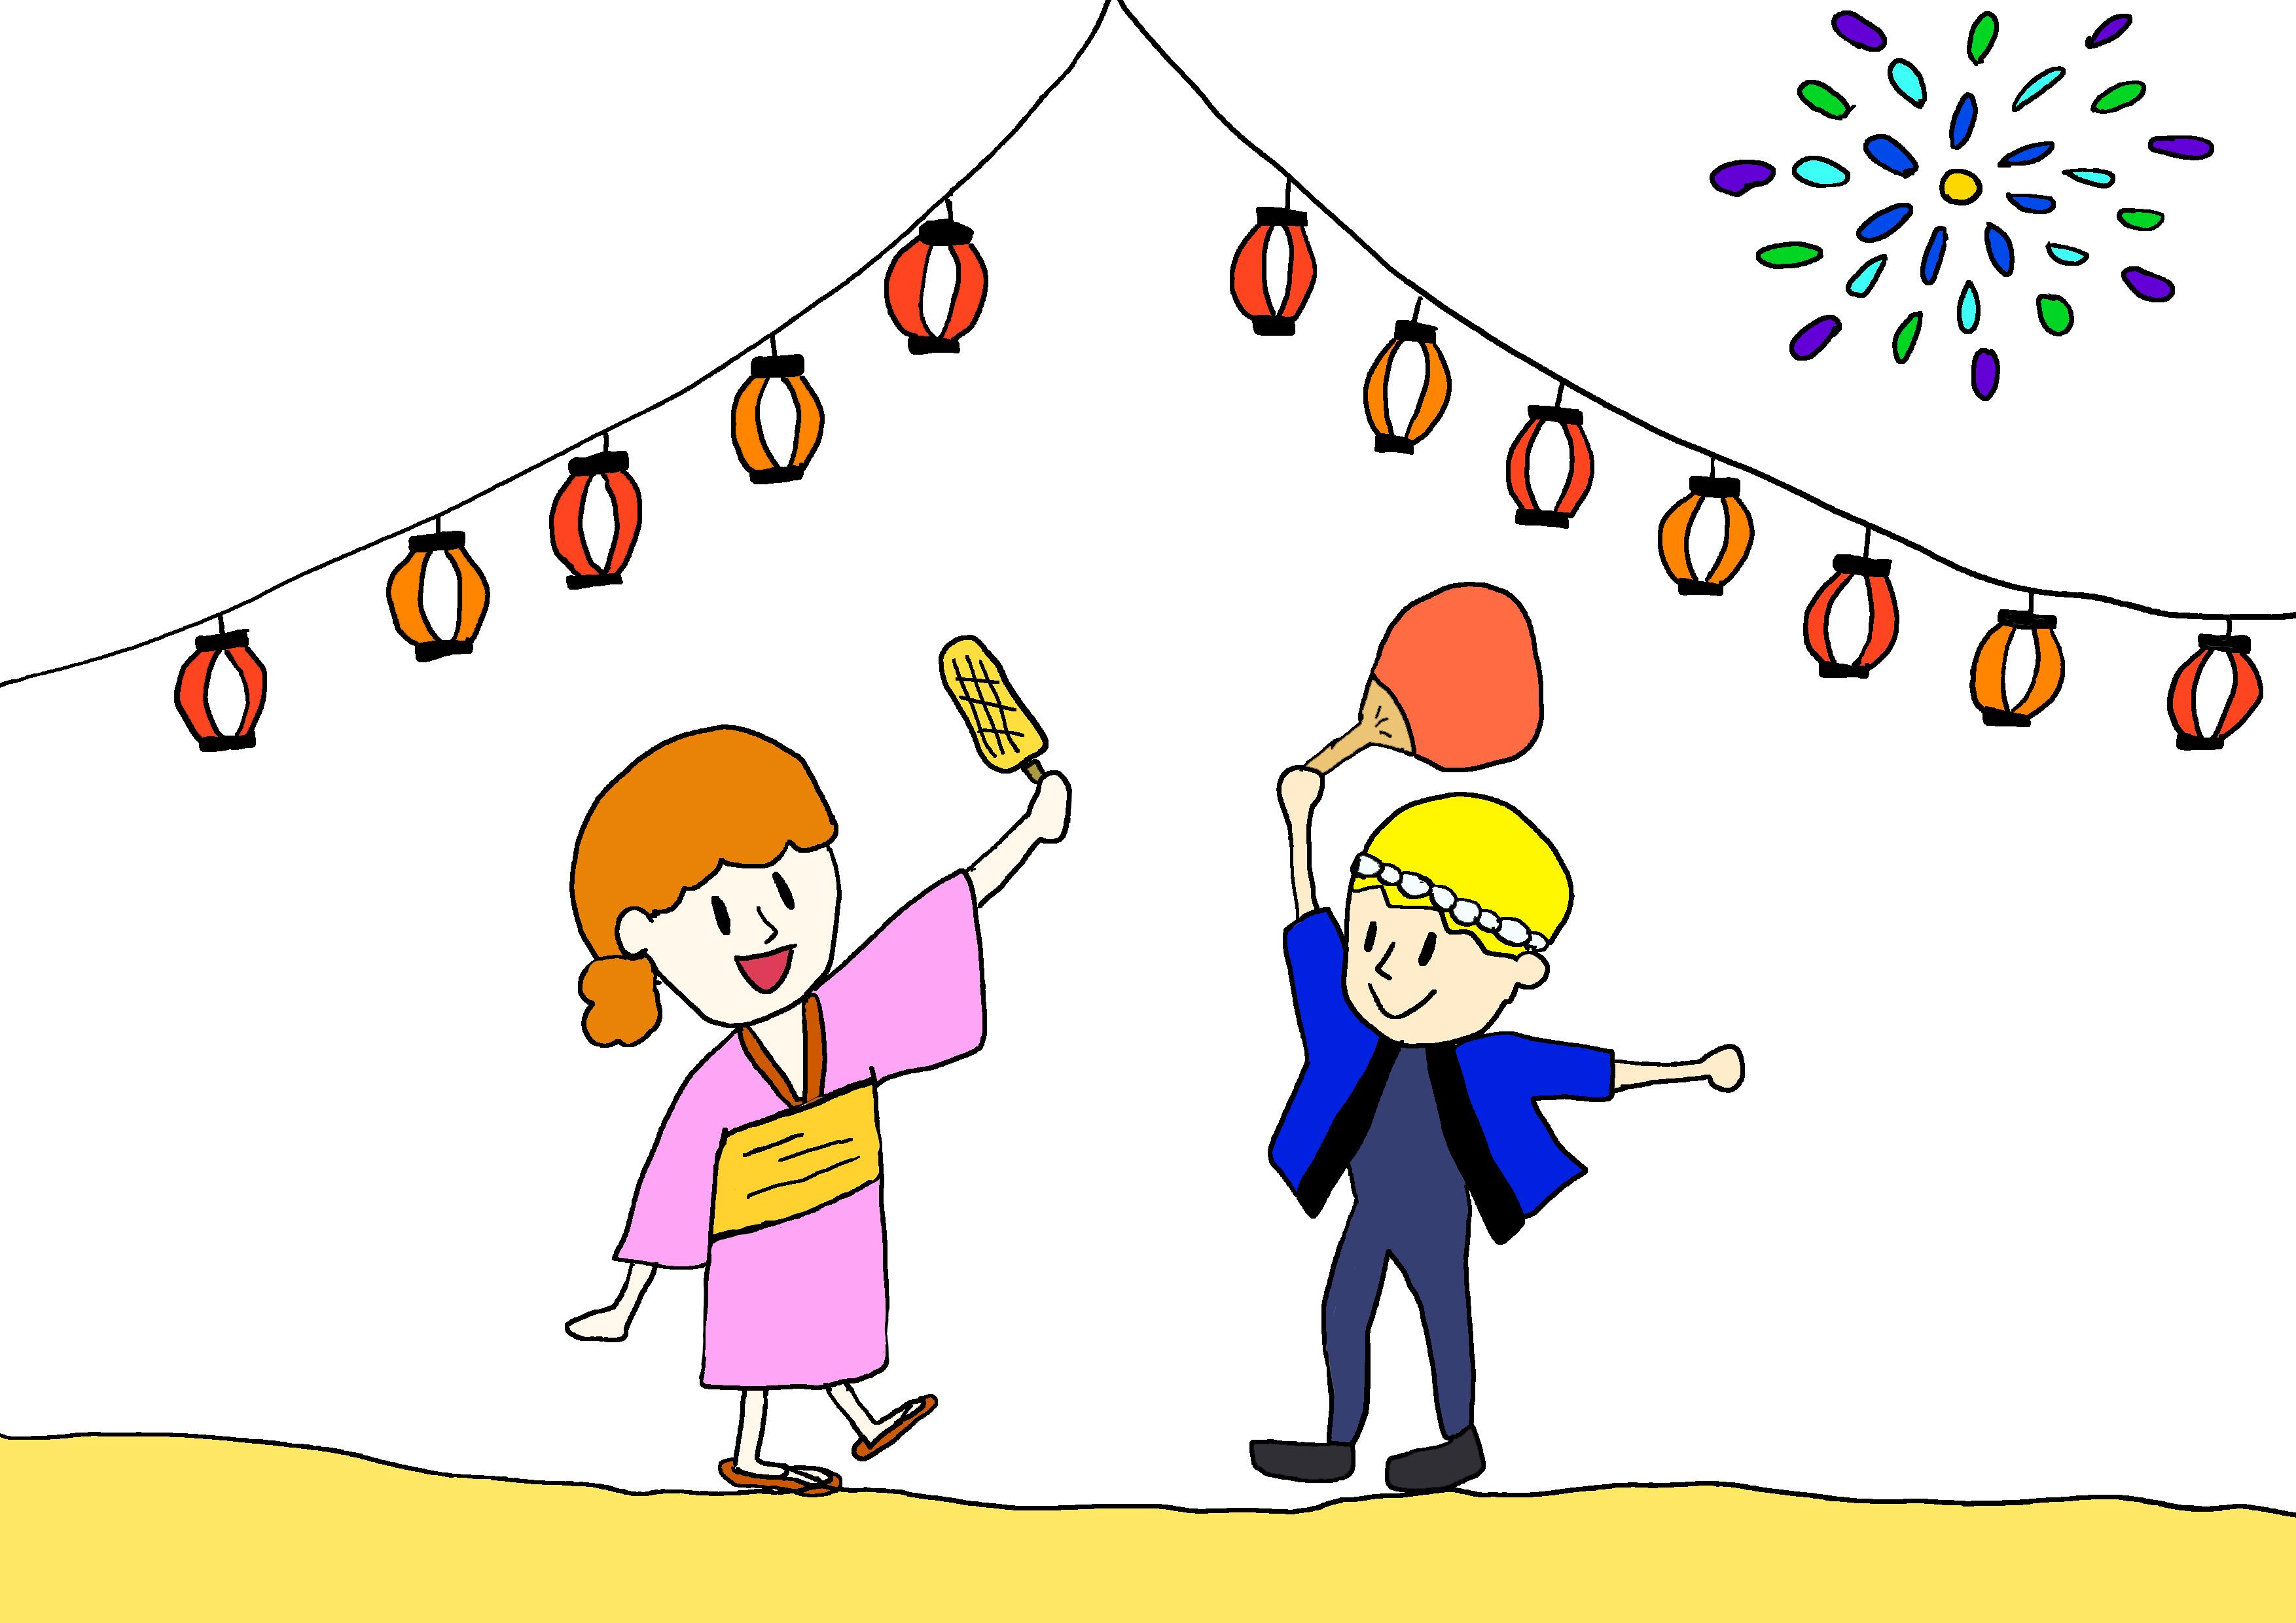 イラスト【お祭りがあります】